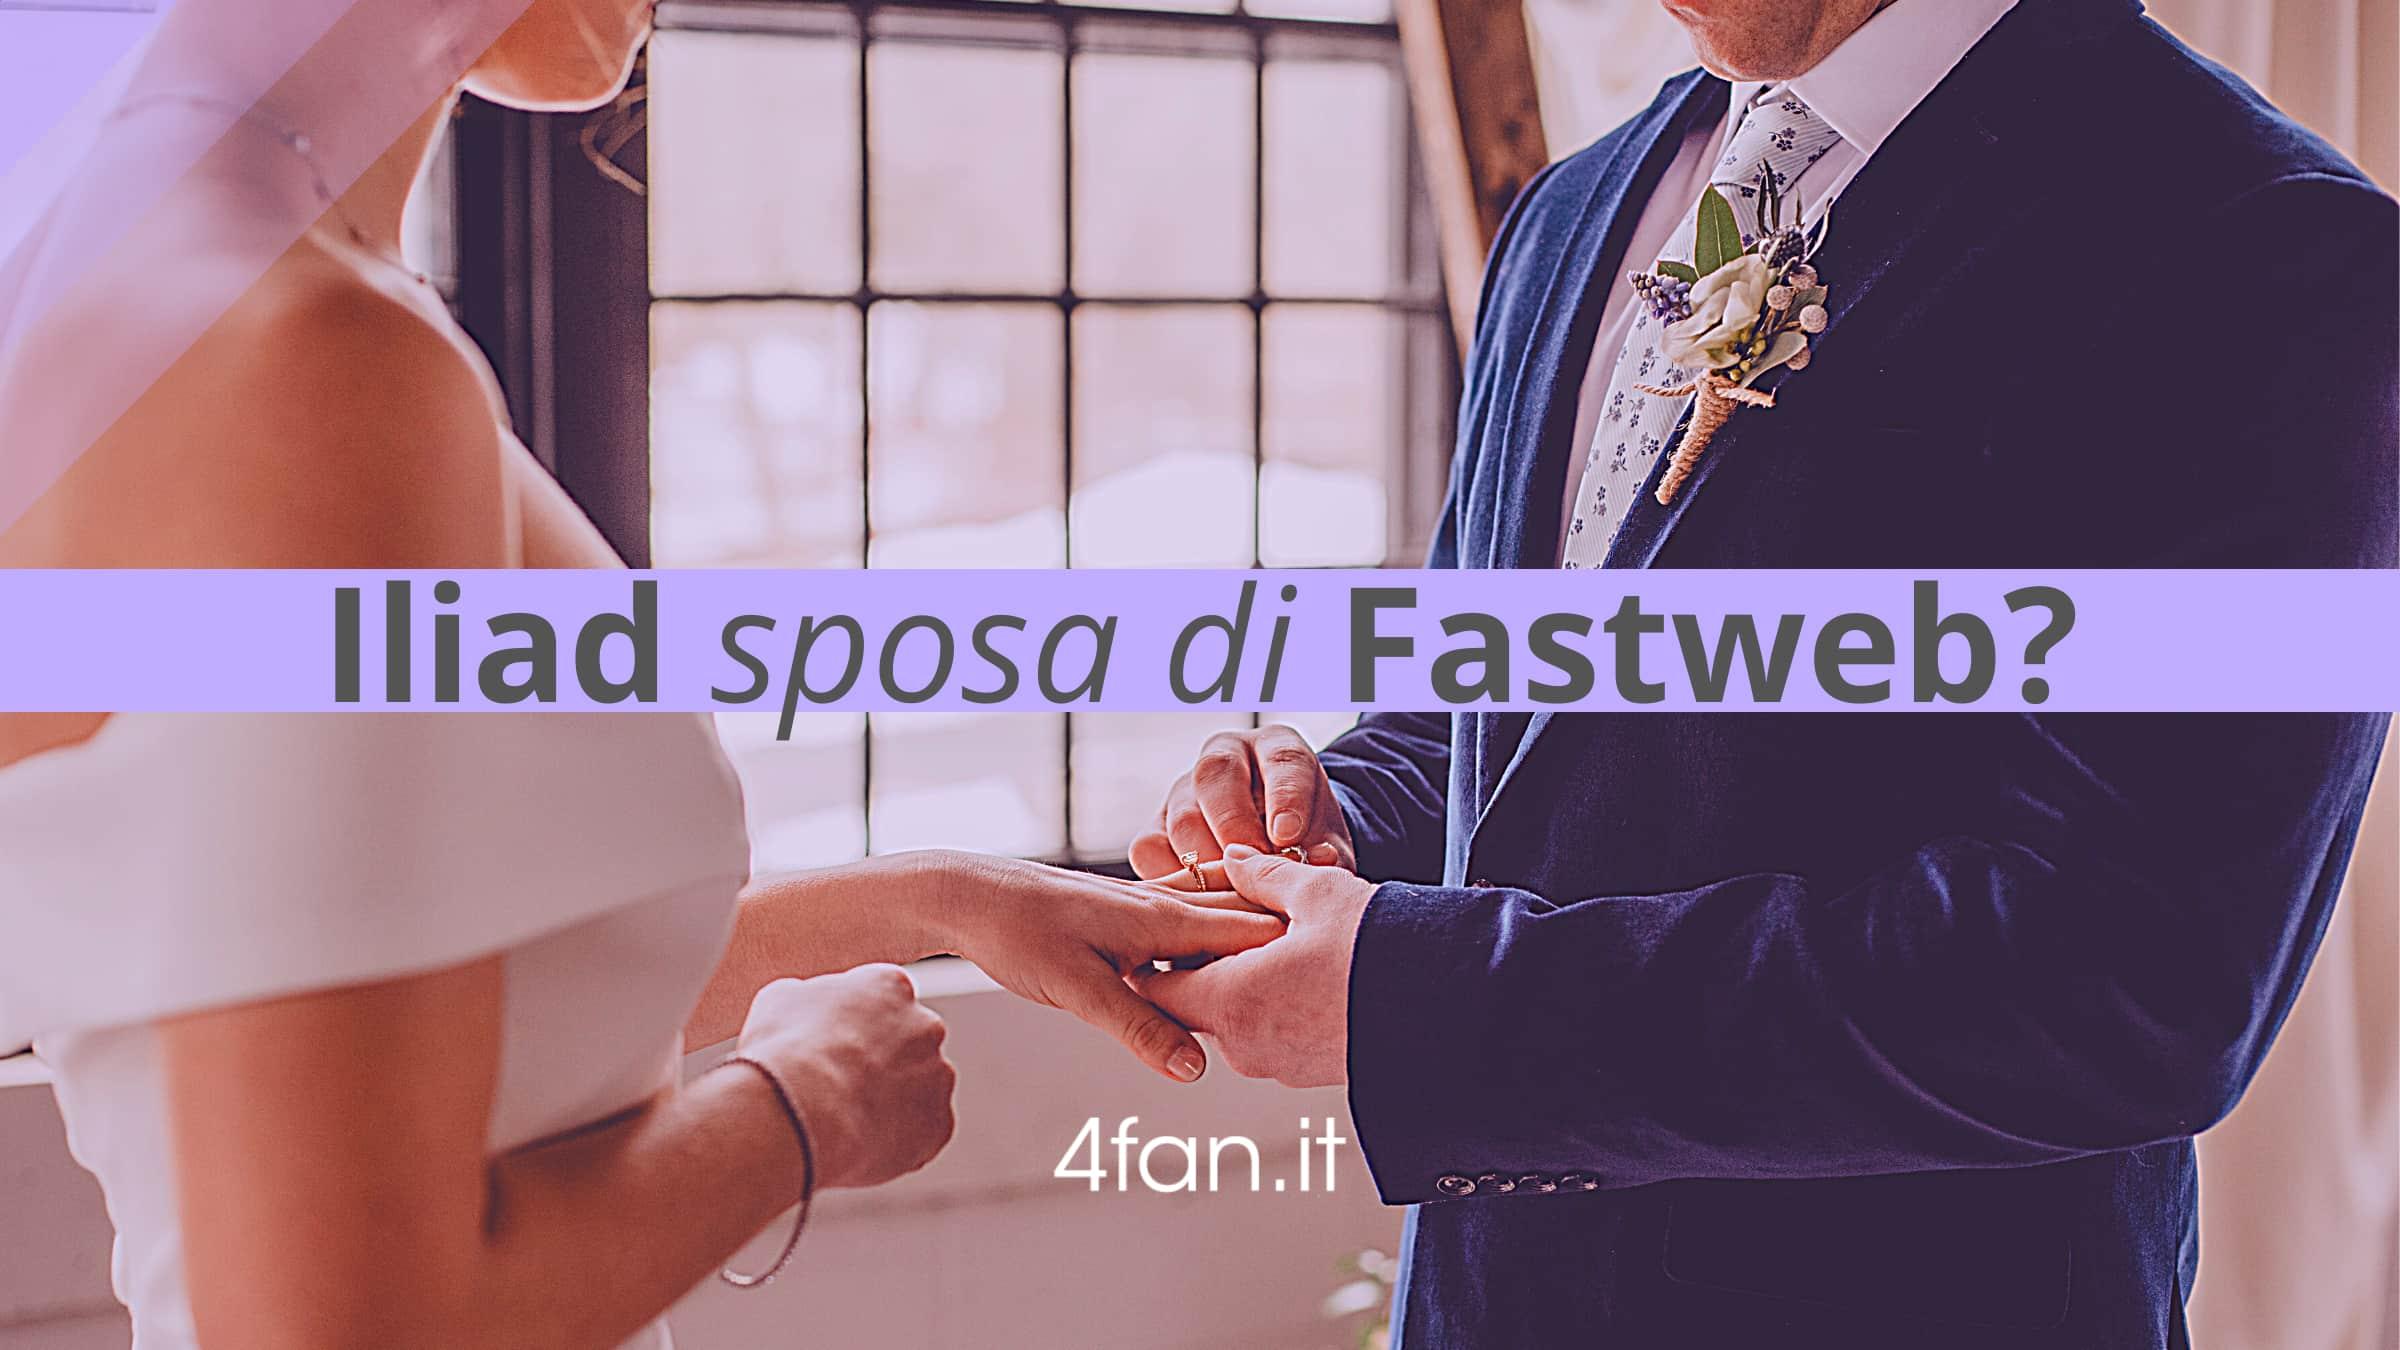 Iliad sposa di Fastweb